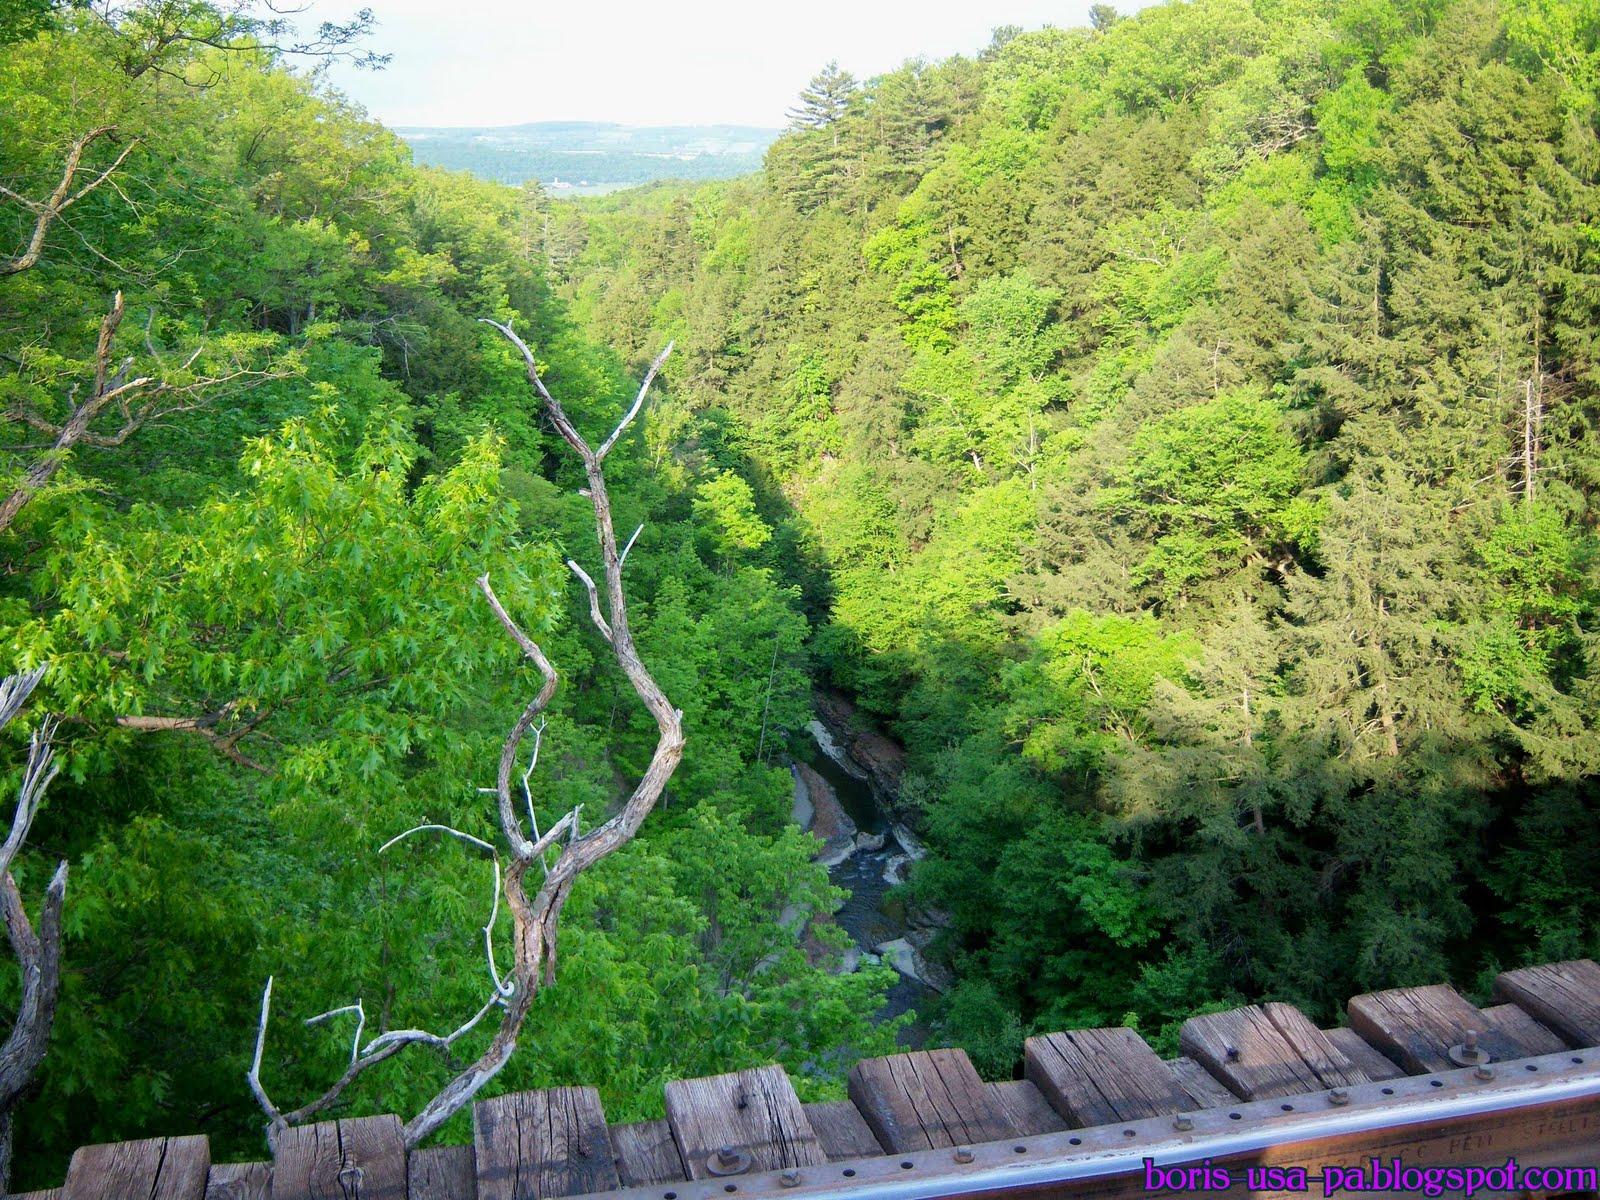 ущелина та водоспади, державний парк Уоткінс Глен (Watkins Glen State Park) (18)